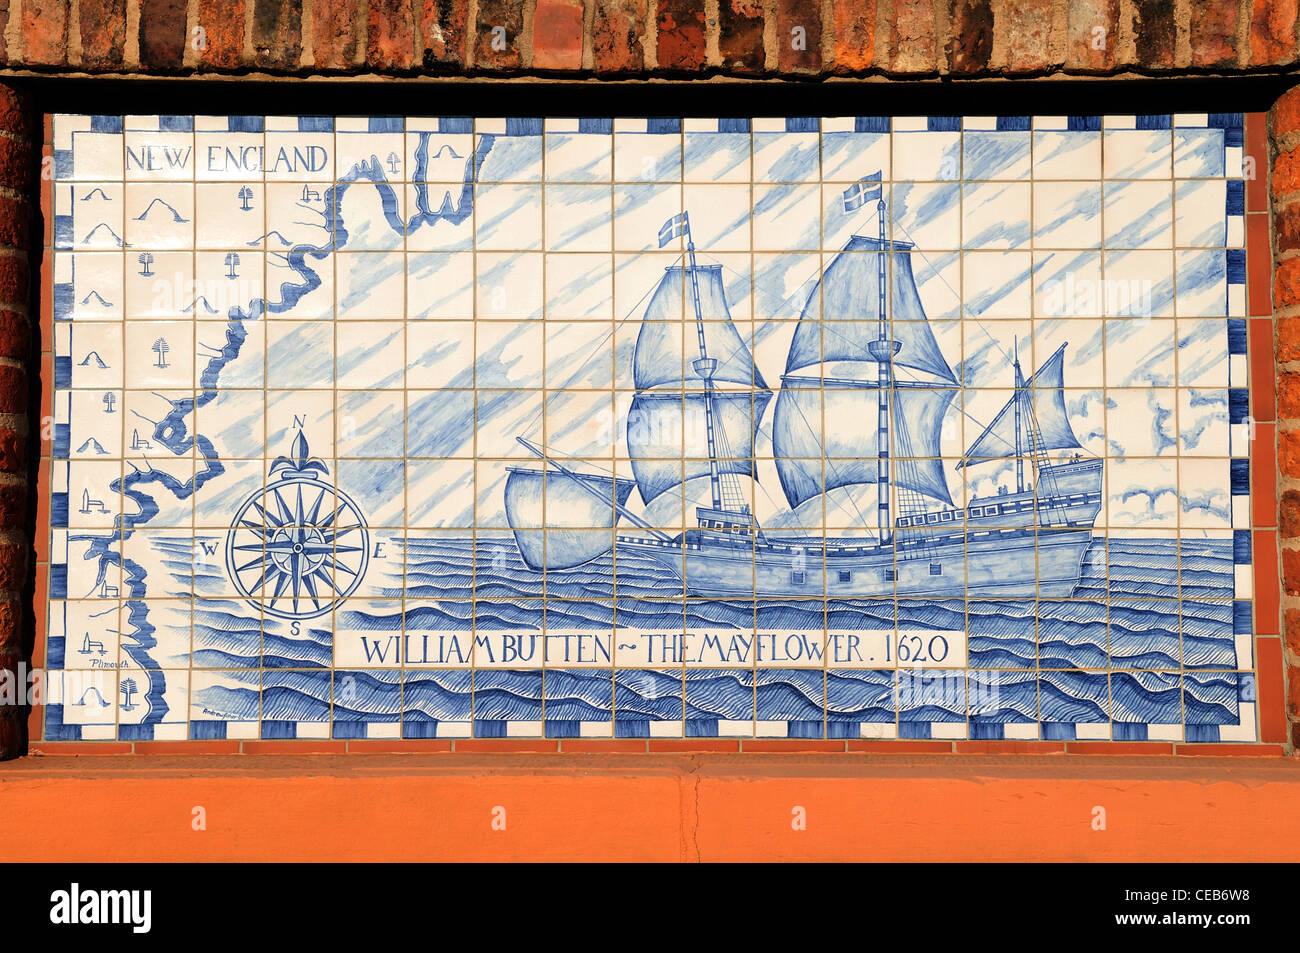 Gekachelte Plaque der Mayflower versenden die Pilgrim Fathers nach Amerika durchgeführt. In der Yorkshire Austerfield. Stockbild